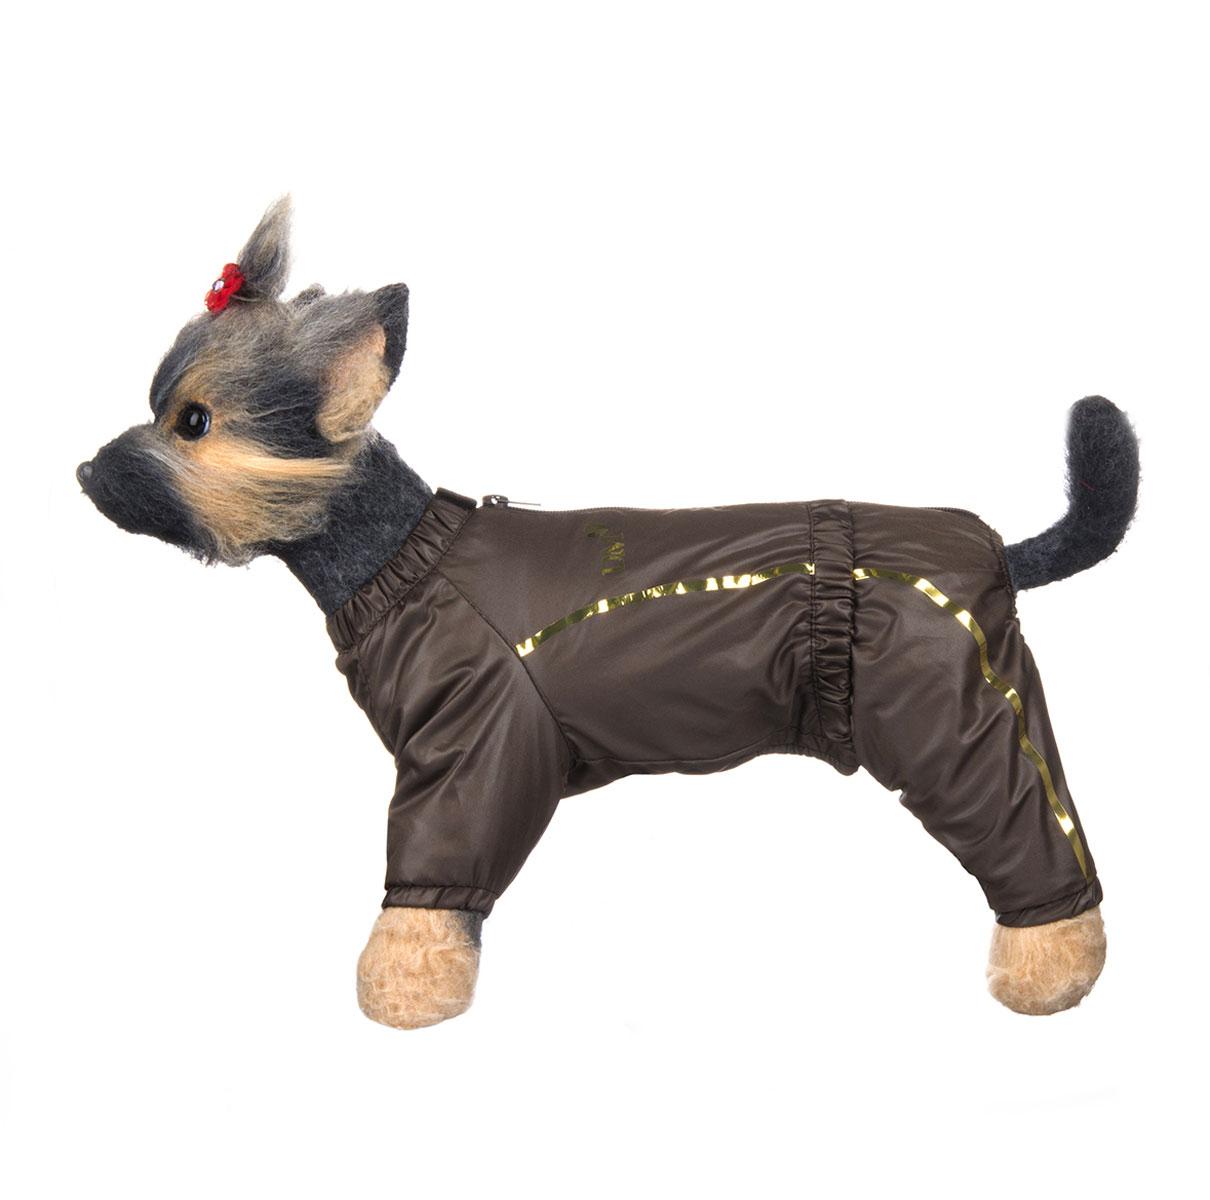 Комбинезон для собак Dogmoda Альпы, для мальчика, цвет: коричневый. Размер 1 (S)DM-150330-1Комбинезон для собак Dogmoda Альпы отлично подойдет для прогулок поздней осенью или ранней весной.Комбинезон изготовлен из полиэстера, защищающего от ветра и осадков, с подкладкой из флиса, которая сохранит тепло и обеспечит отличный воздухообмен.Комбинезон застегивается на молнию и липучку, благодаря чему его легко надевать и снимать. Ворот, низ рукавов и брючин оснащены внутренними резинками, которые мягко обхватывают шею и лапки, не позволяя просачиваться холодному воздуху. На пояснице имеется внутренняя резинка. Изделие декорировано золотистыми полосками и надписью DM.Благодаря такому комбинезону простуда не грозит вашему питомцу и он не даст любимцу продрогнуть на прогулке.